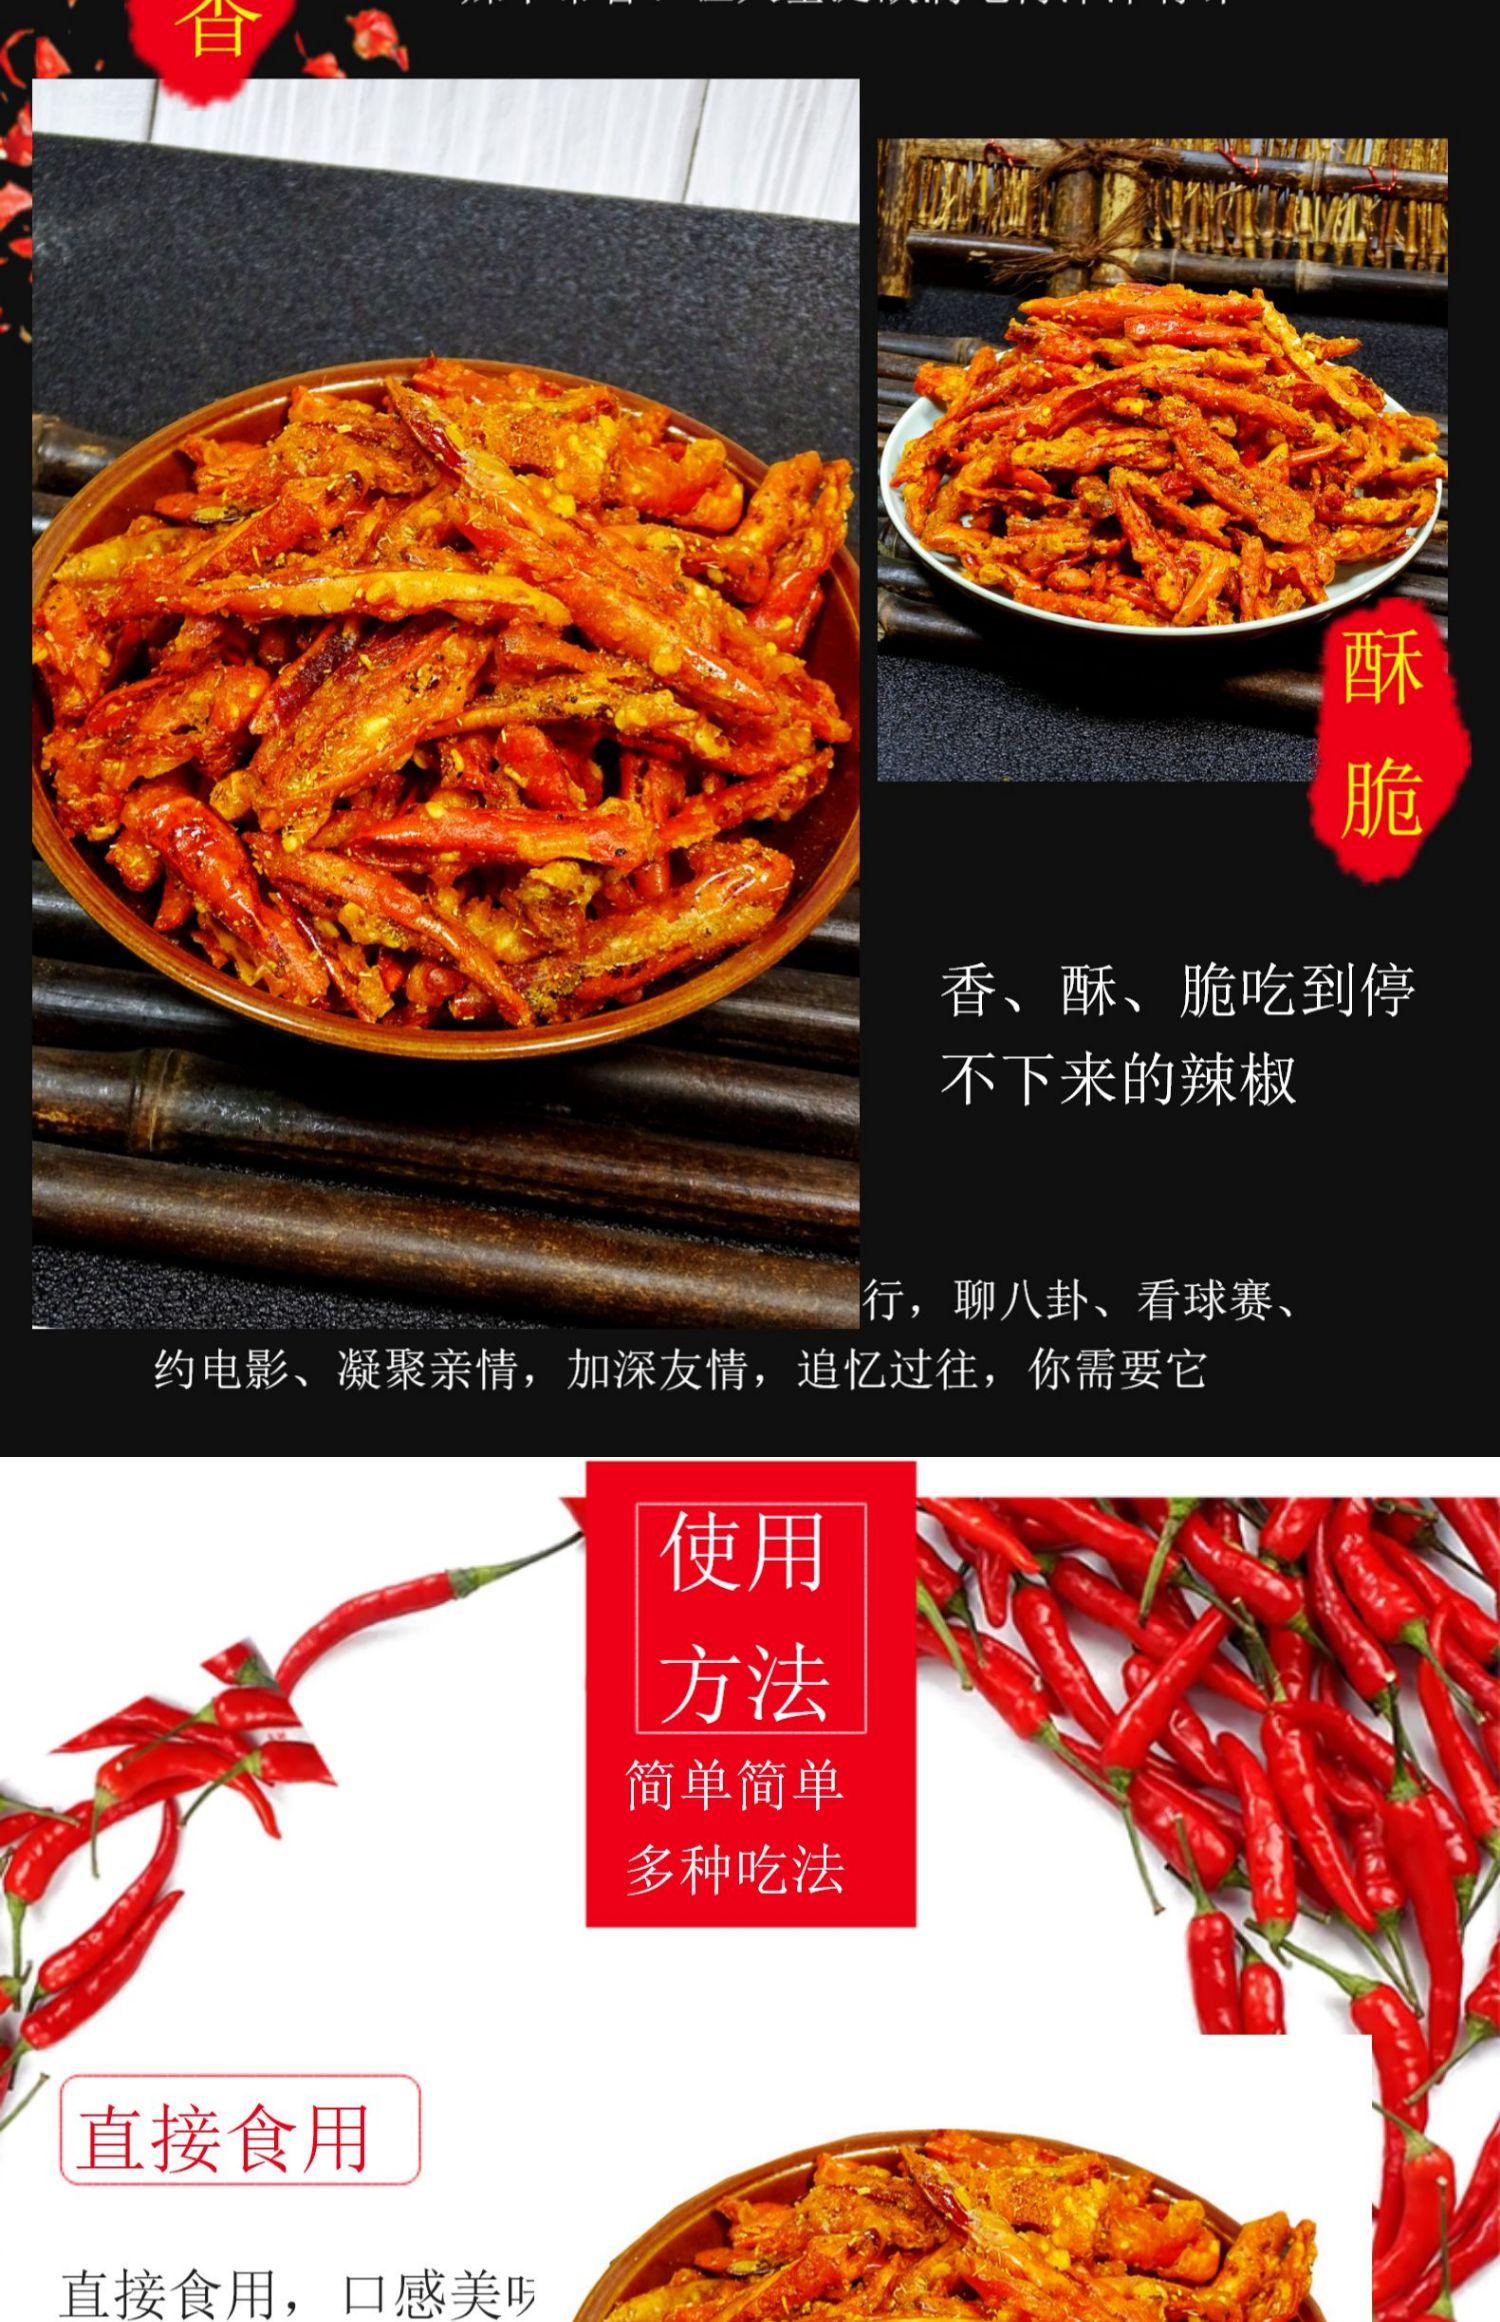 贵州特产麻辣香酥小吃炸辣椒零食